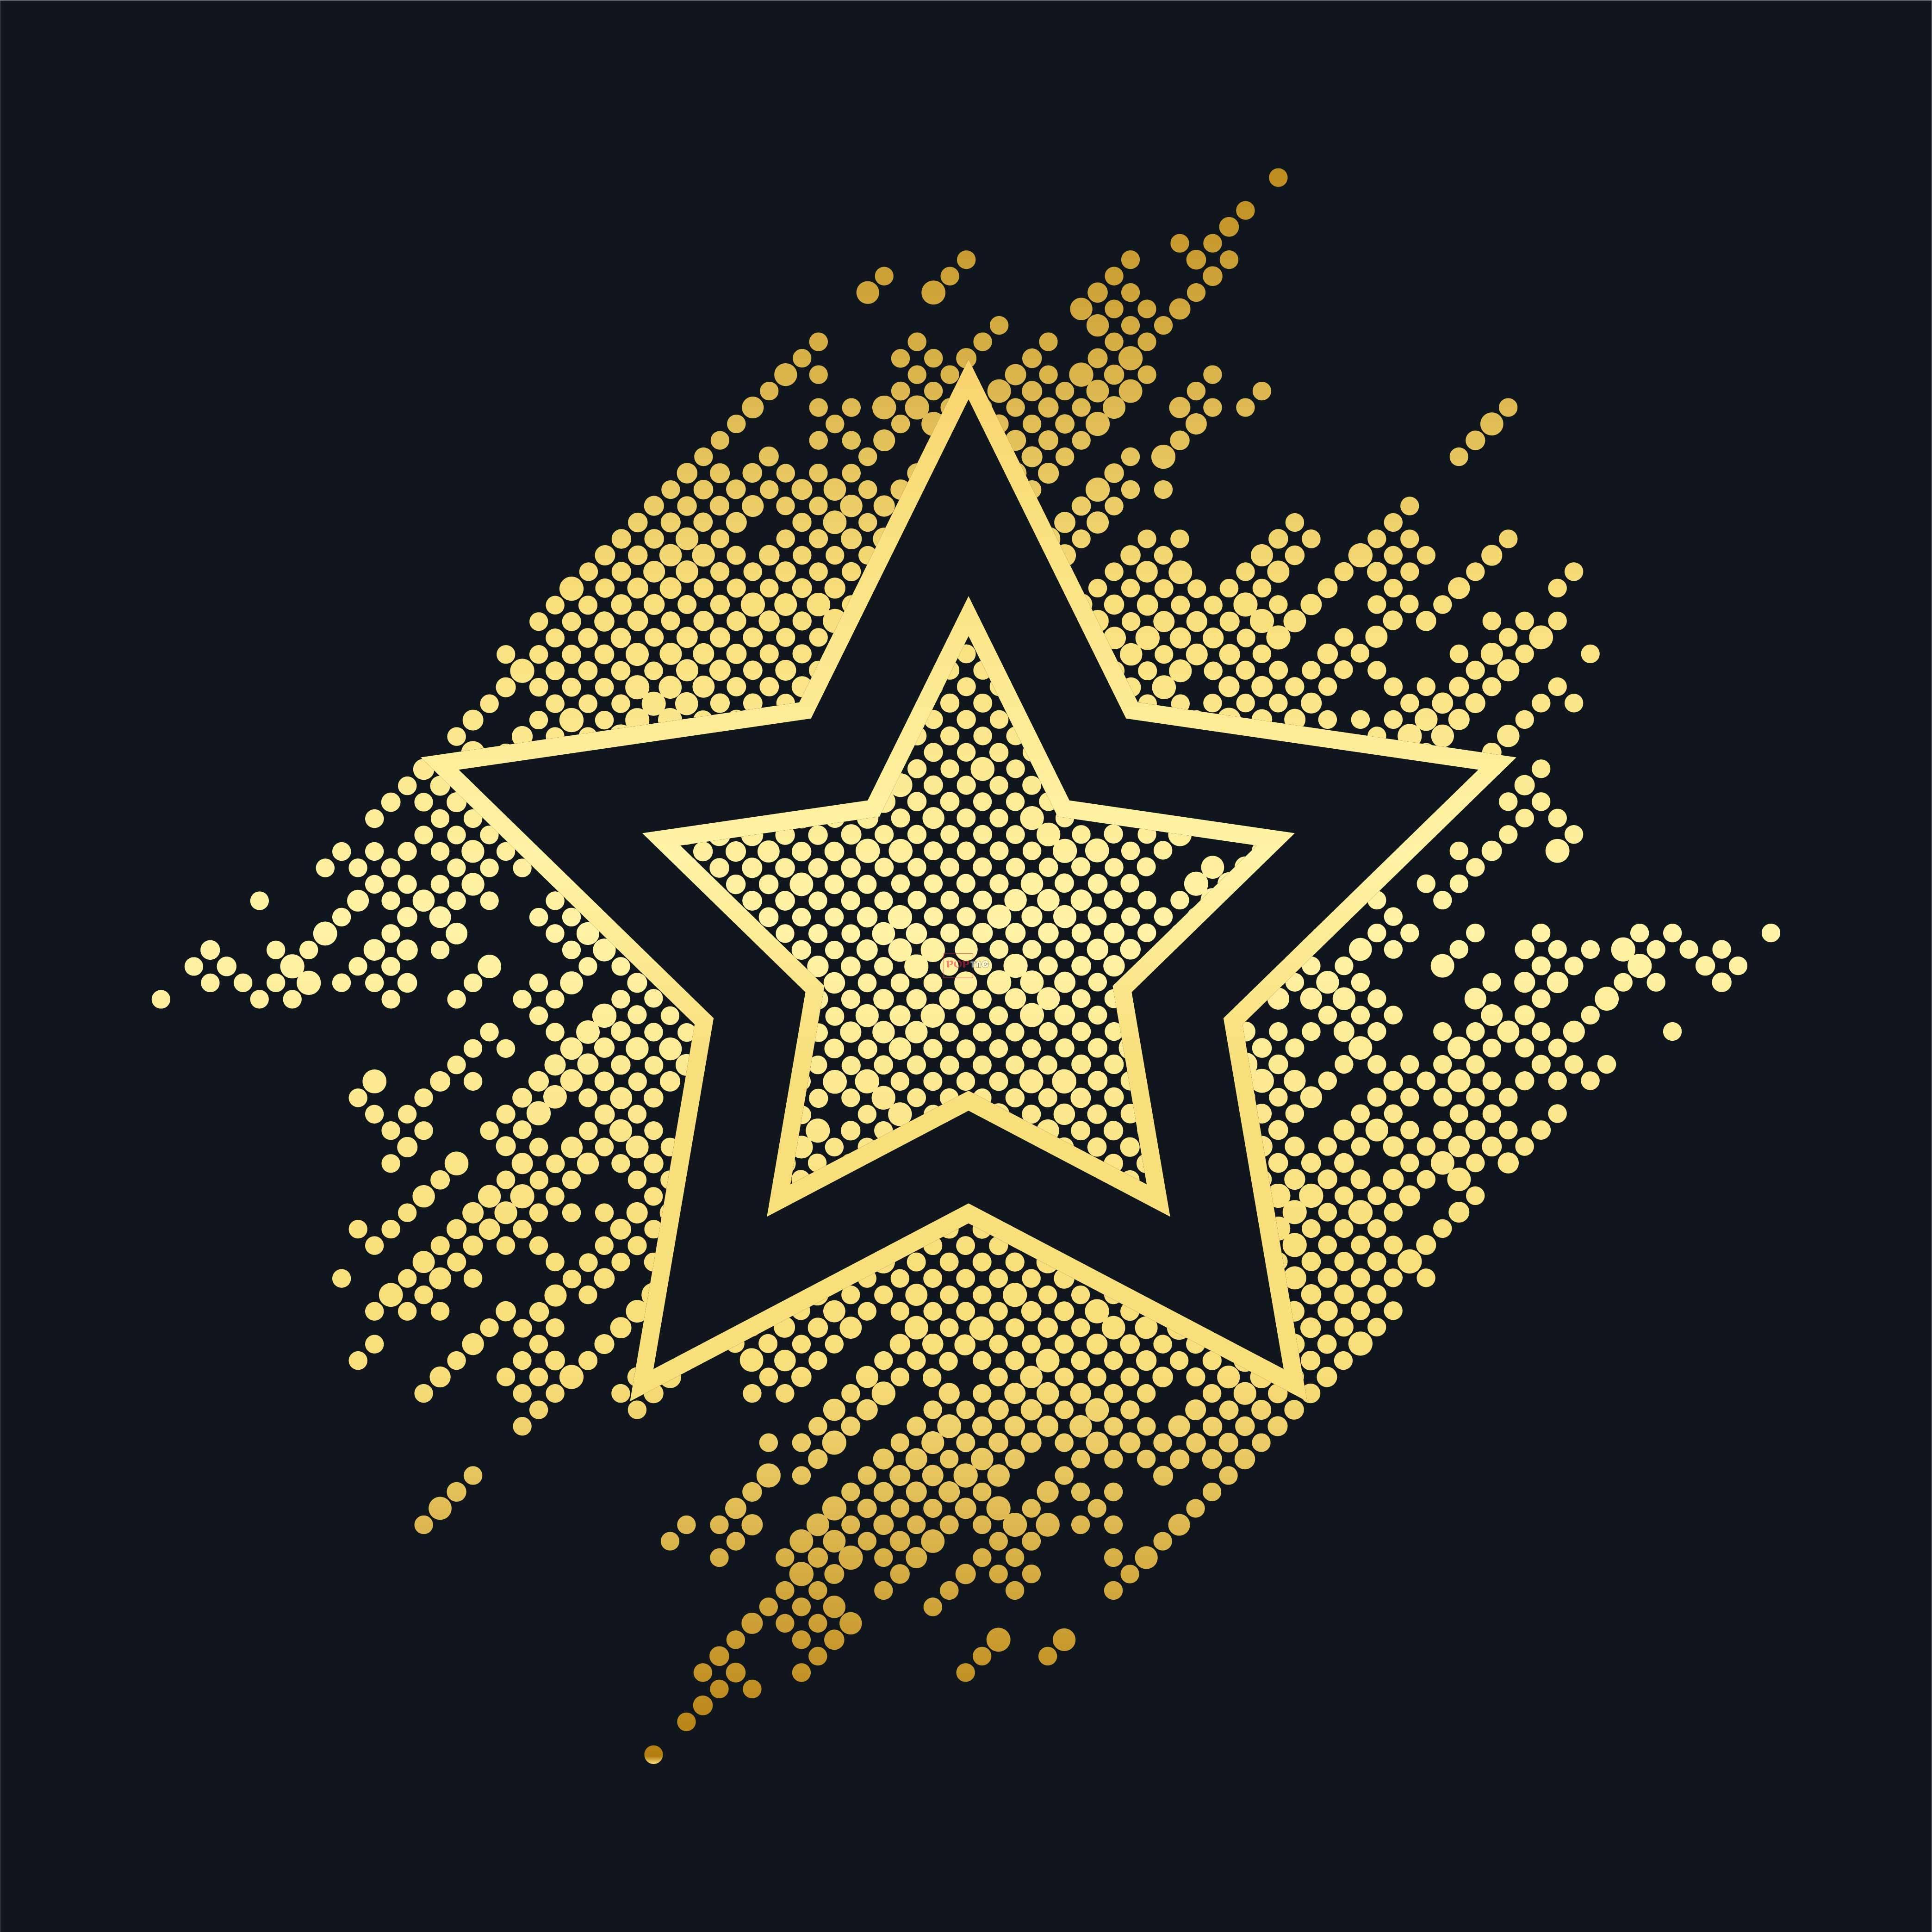 烫钻星星字潮图高清T恤烫画热转印高清素材-POP花型网